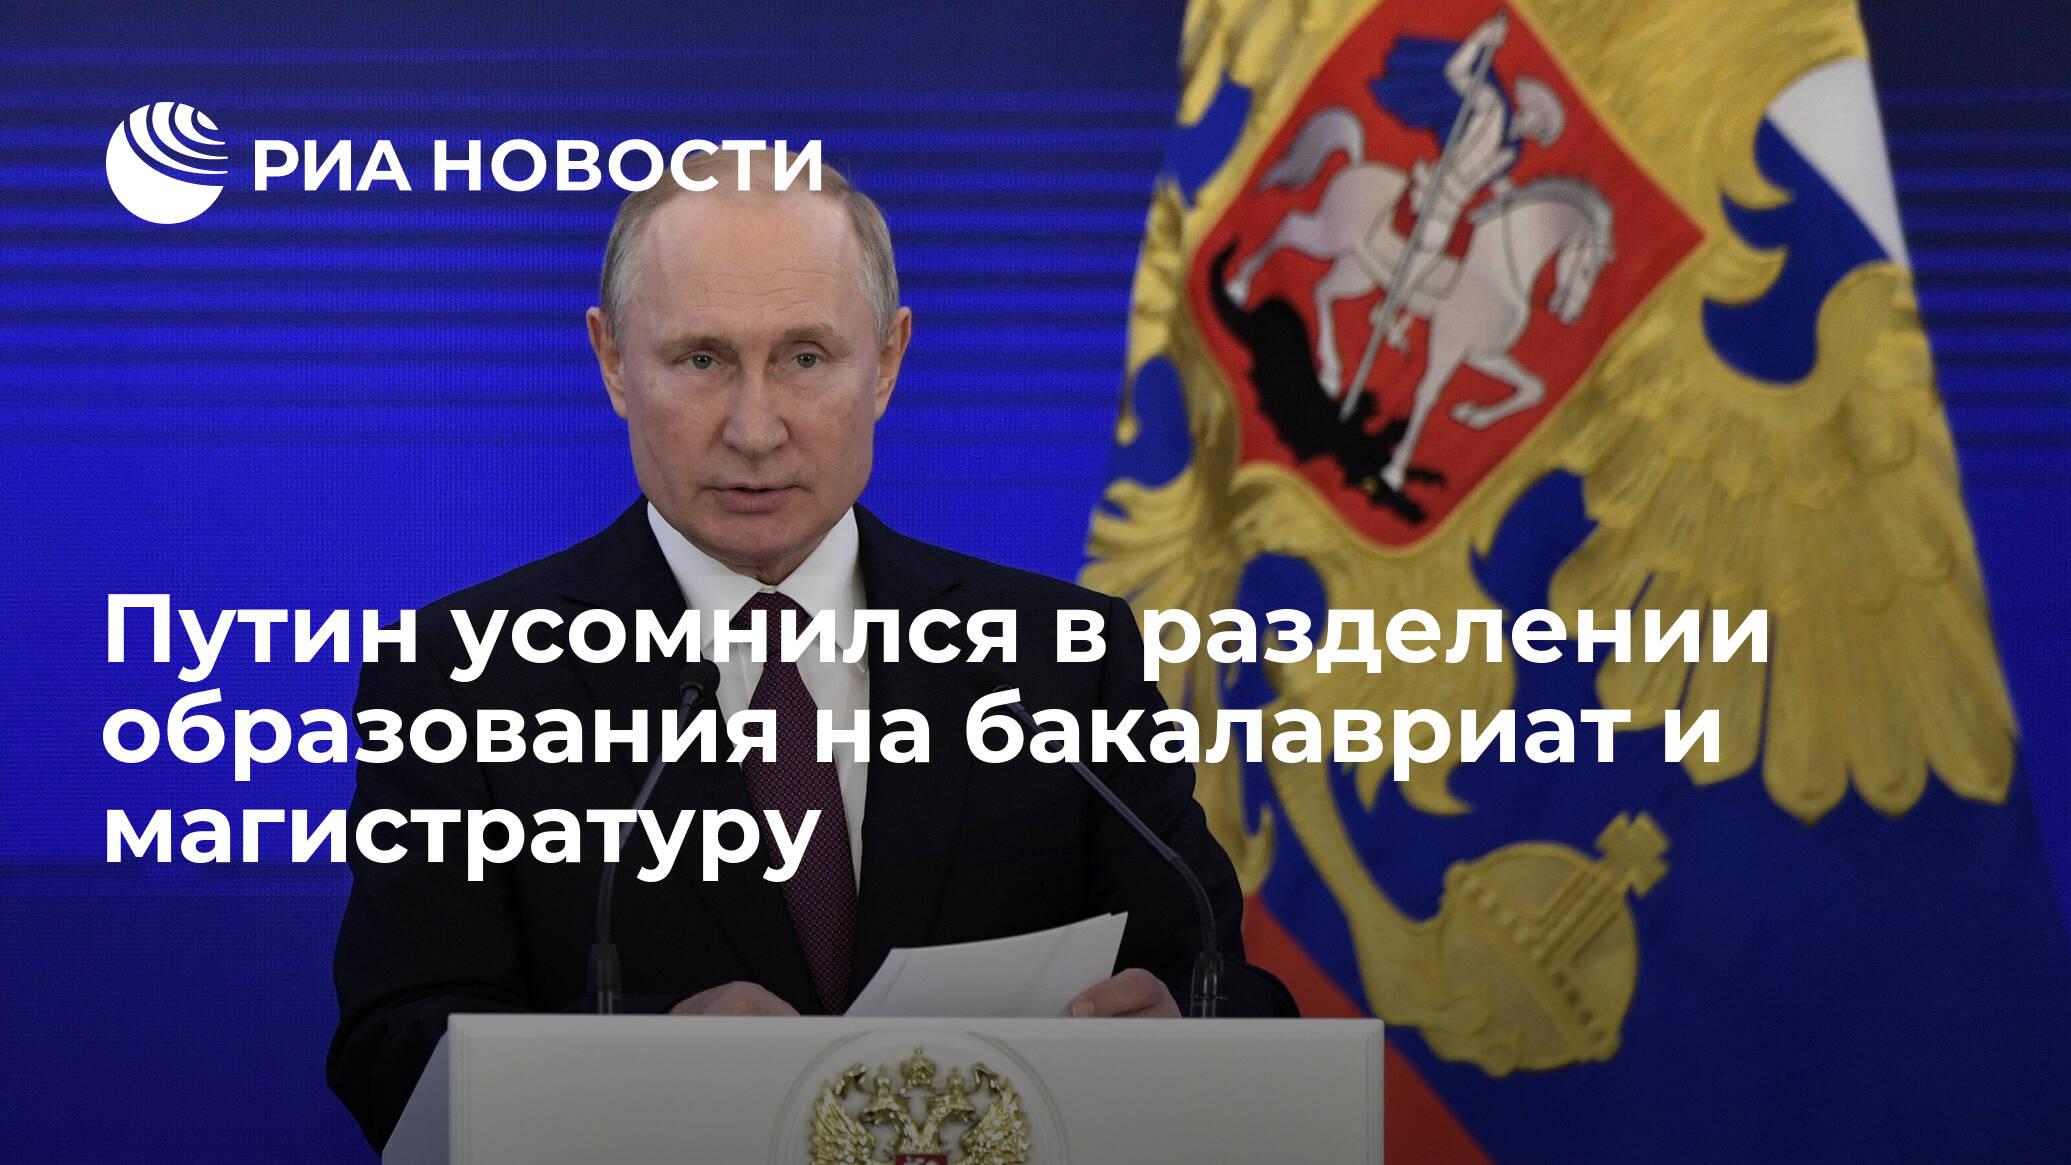 Путин усомнился в разделении образования на бакалавриат и магистратуру